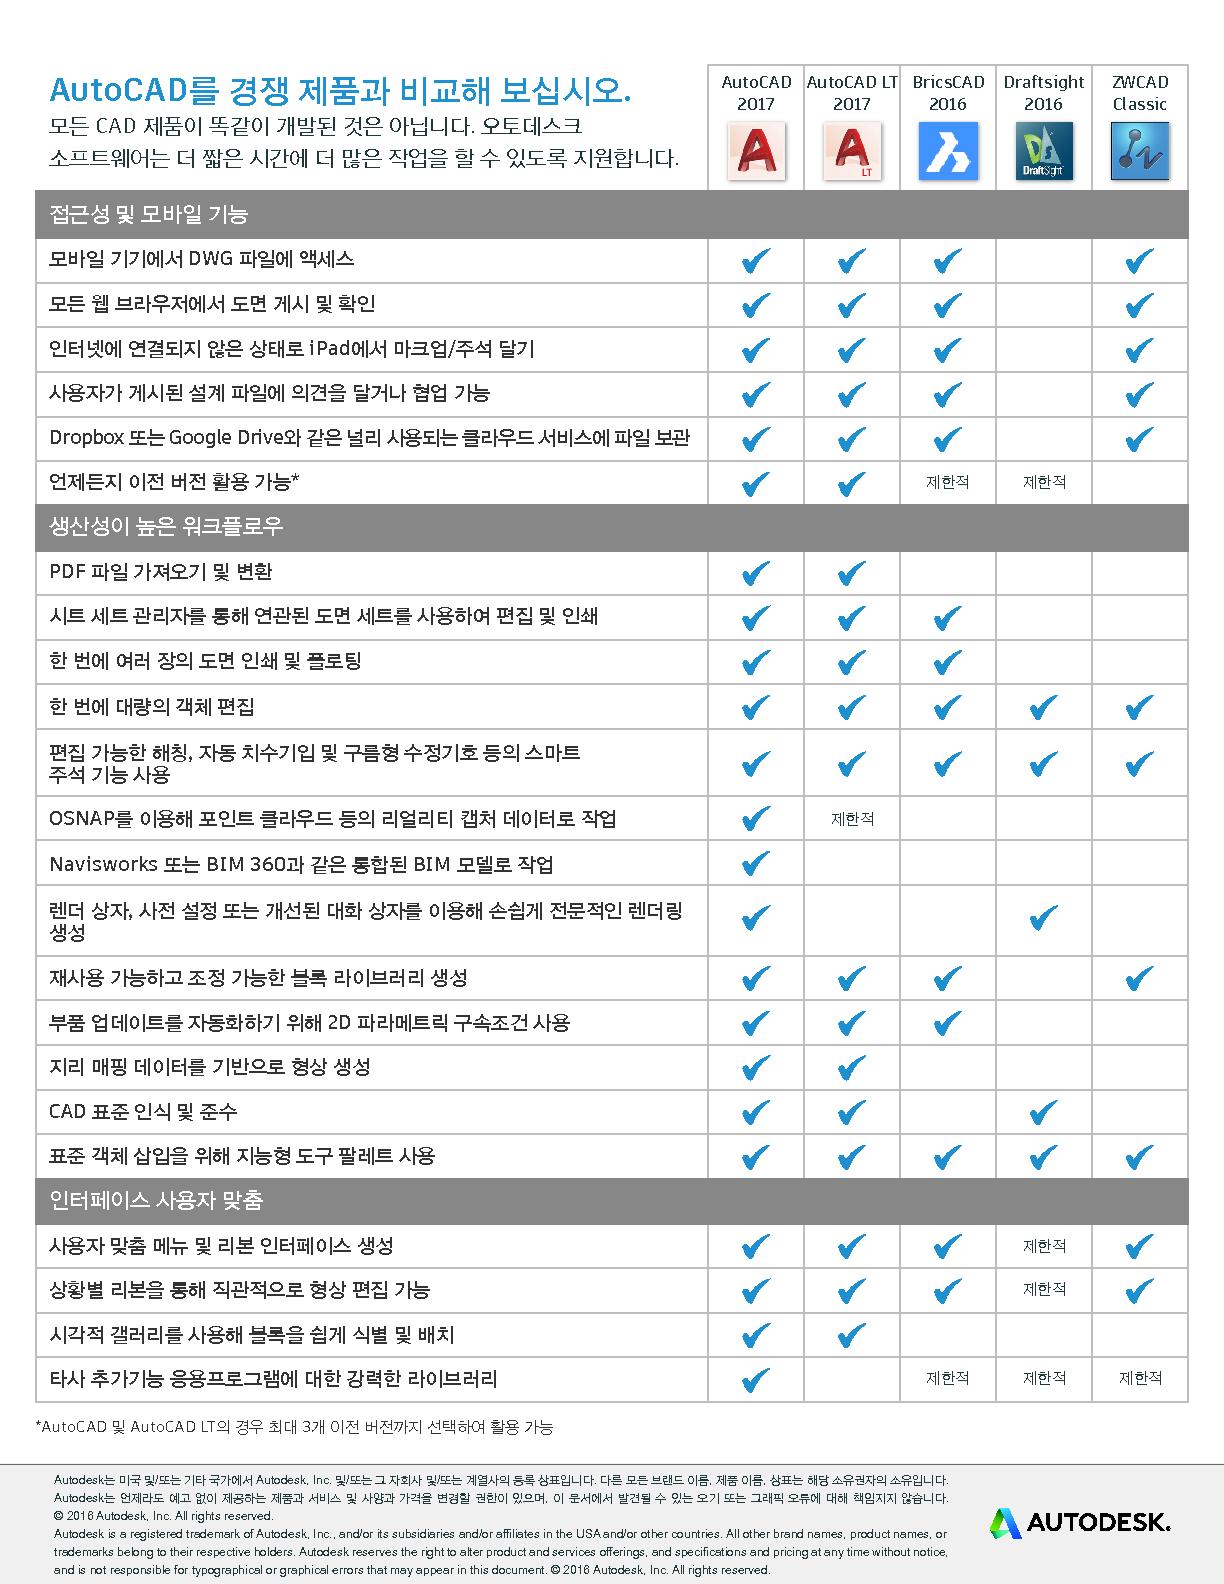 autocad-autocad-lt-2017-product-comparison-grid-kr_1